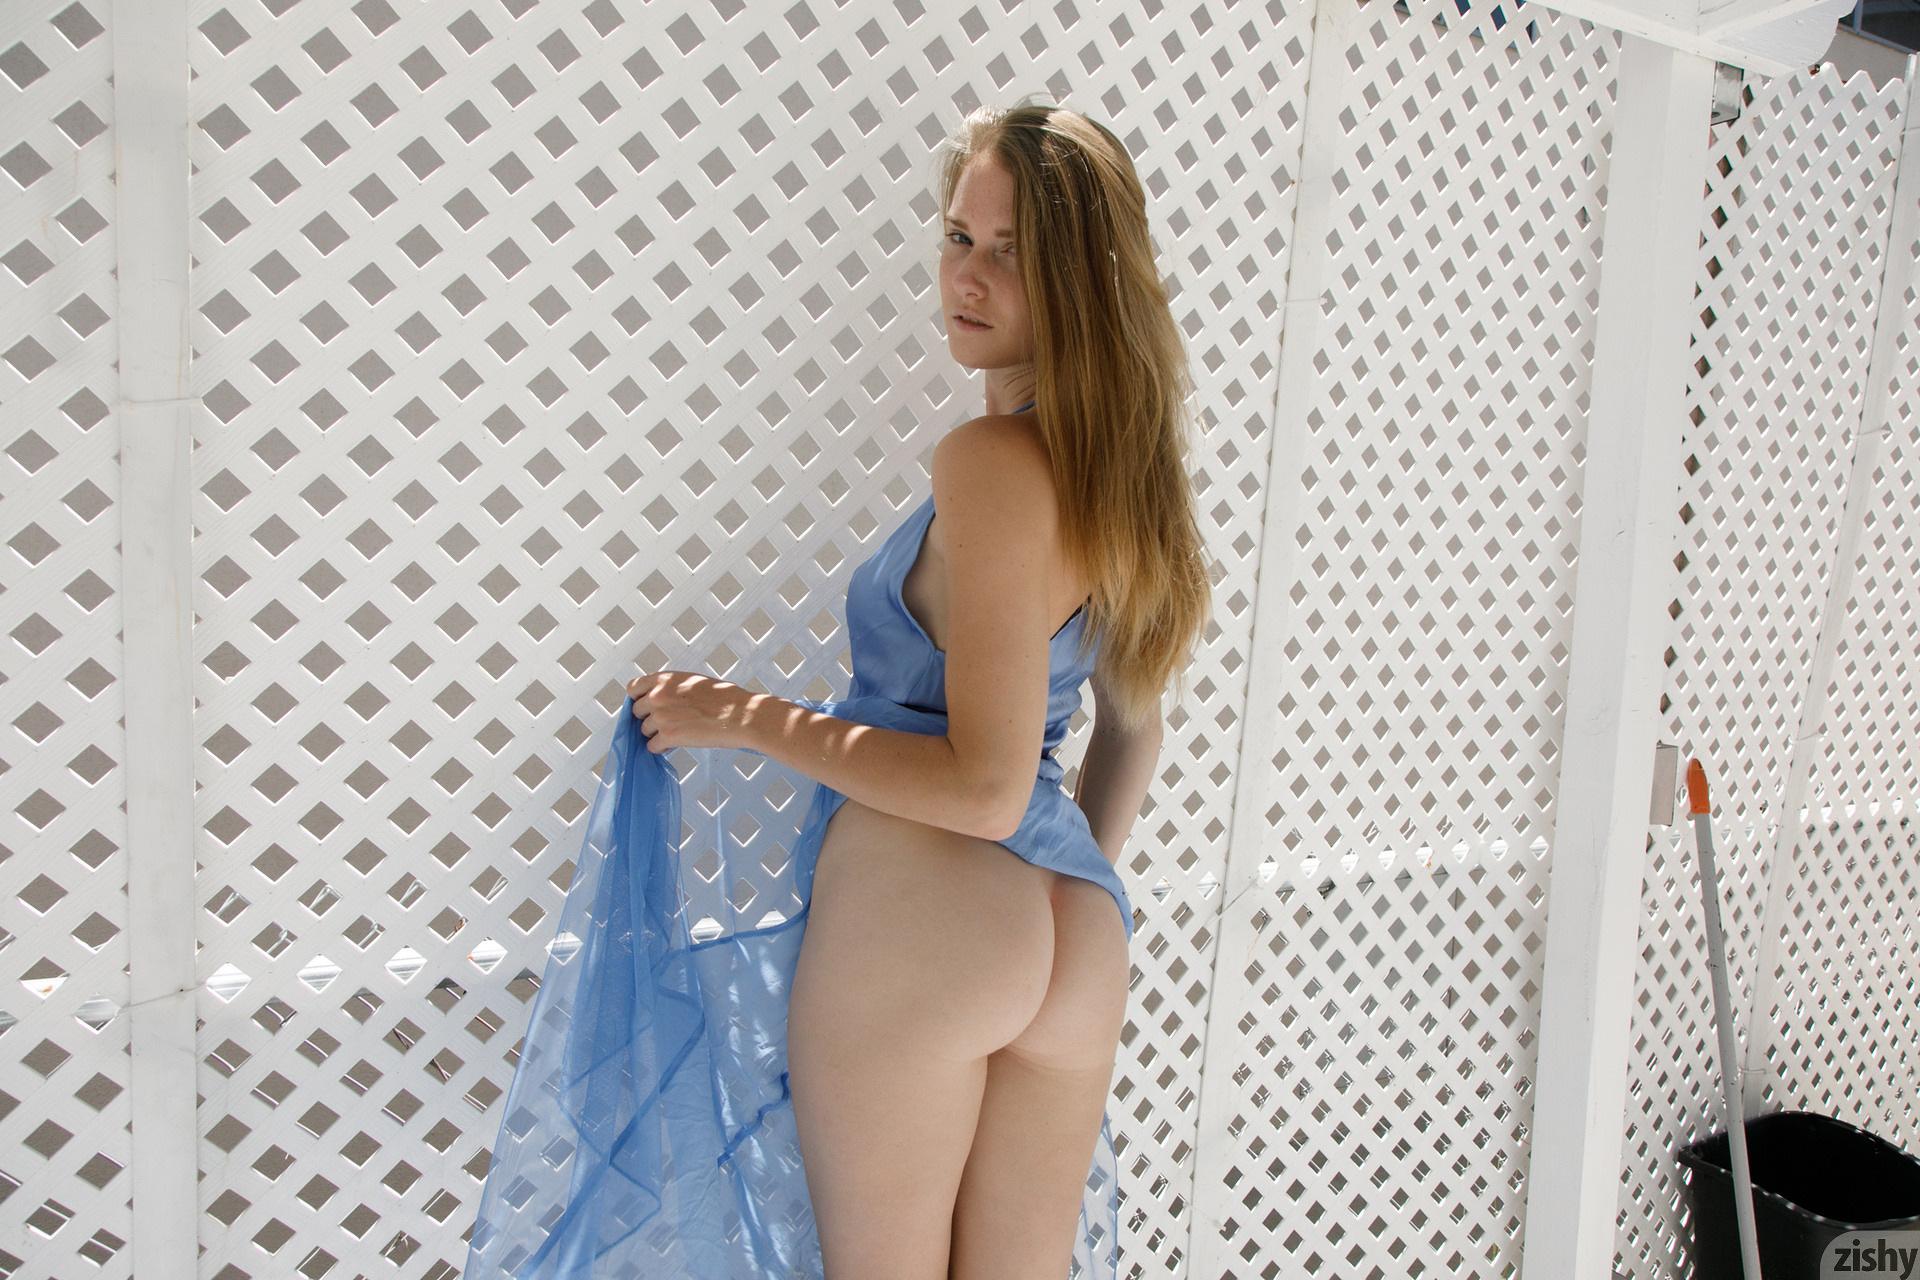 Ashley Lane Rope On Amazon Zishy (20)